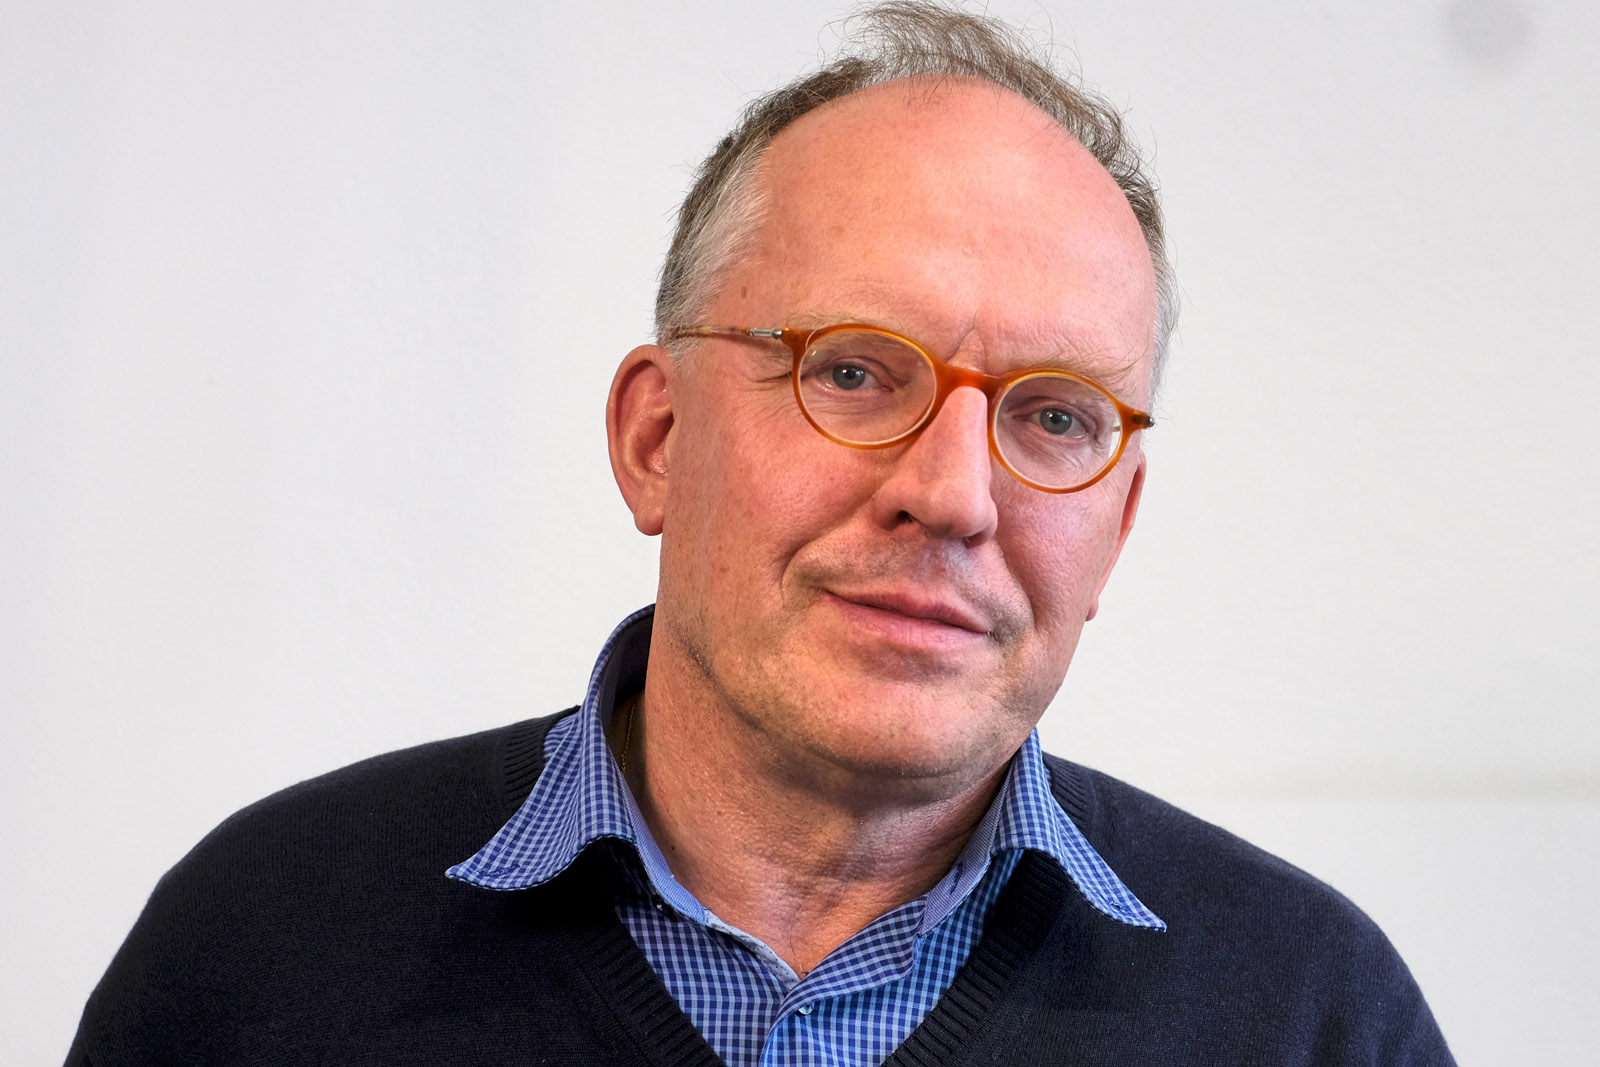 Porträt: Mann mittleren Alters mit sehr kurzen Haaren und roter Brille. Trägt ein blaues Hemd und eine schwarze Strickjacke